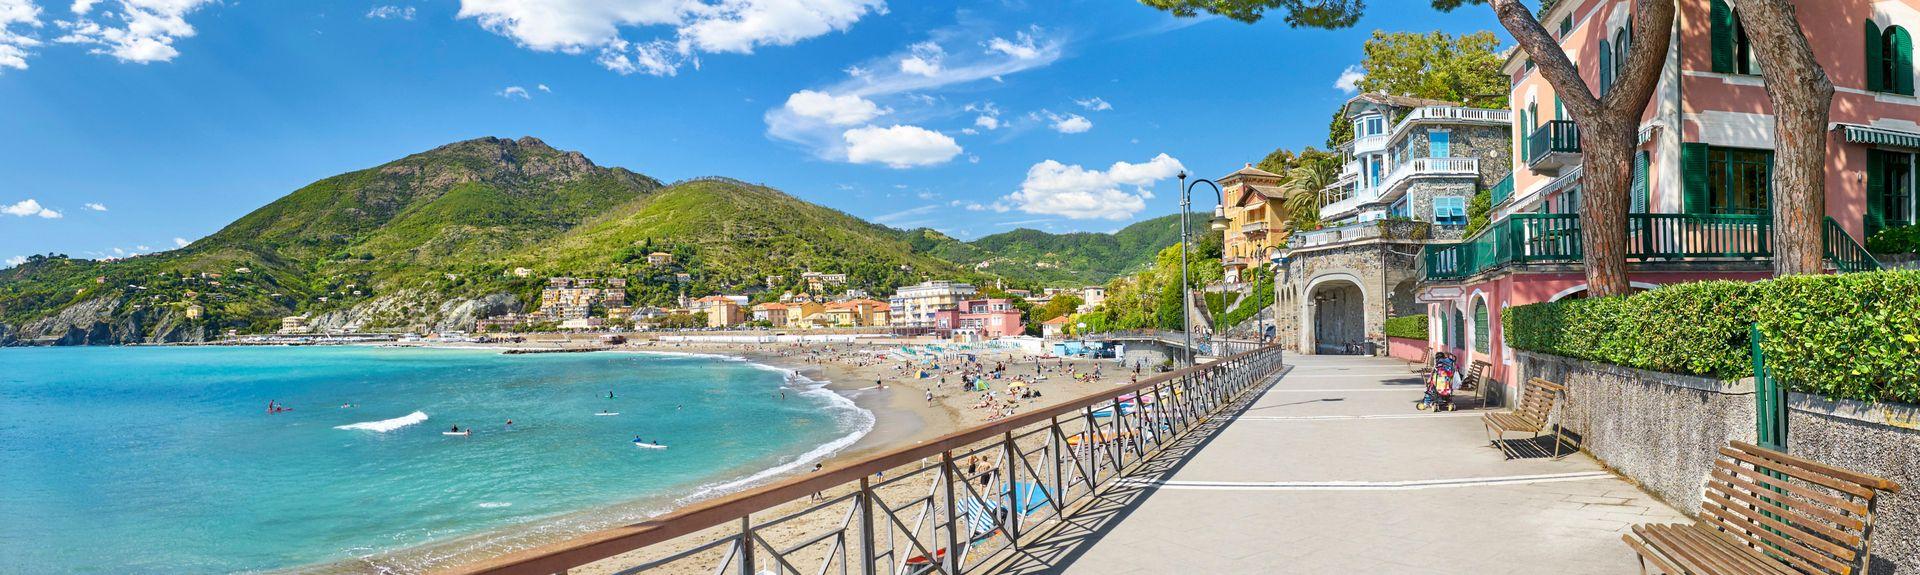 Levanto, Liguria, Italy